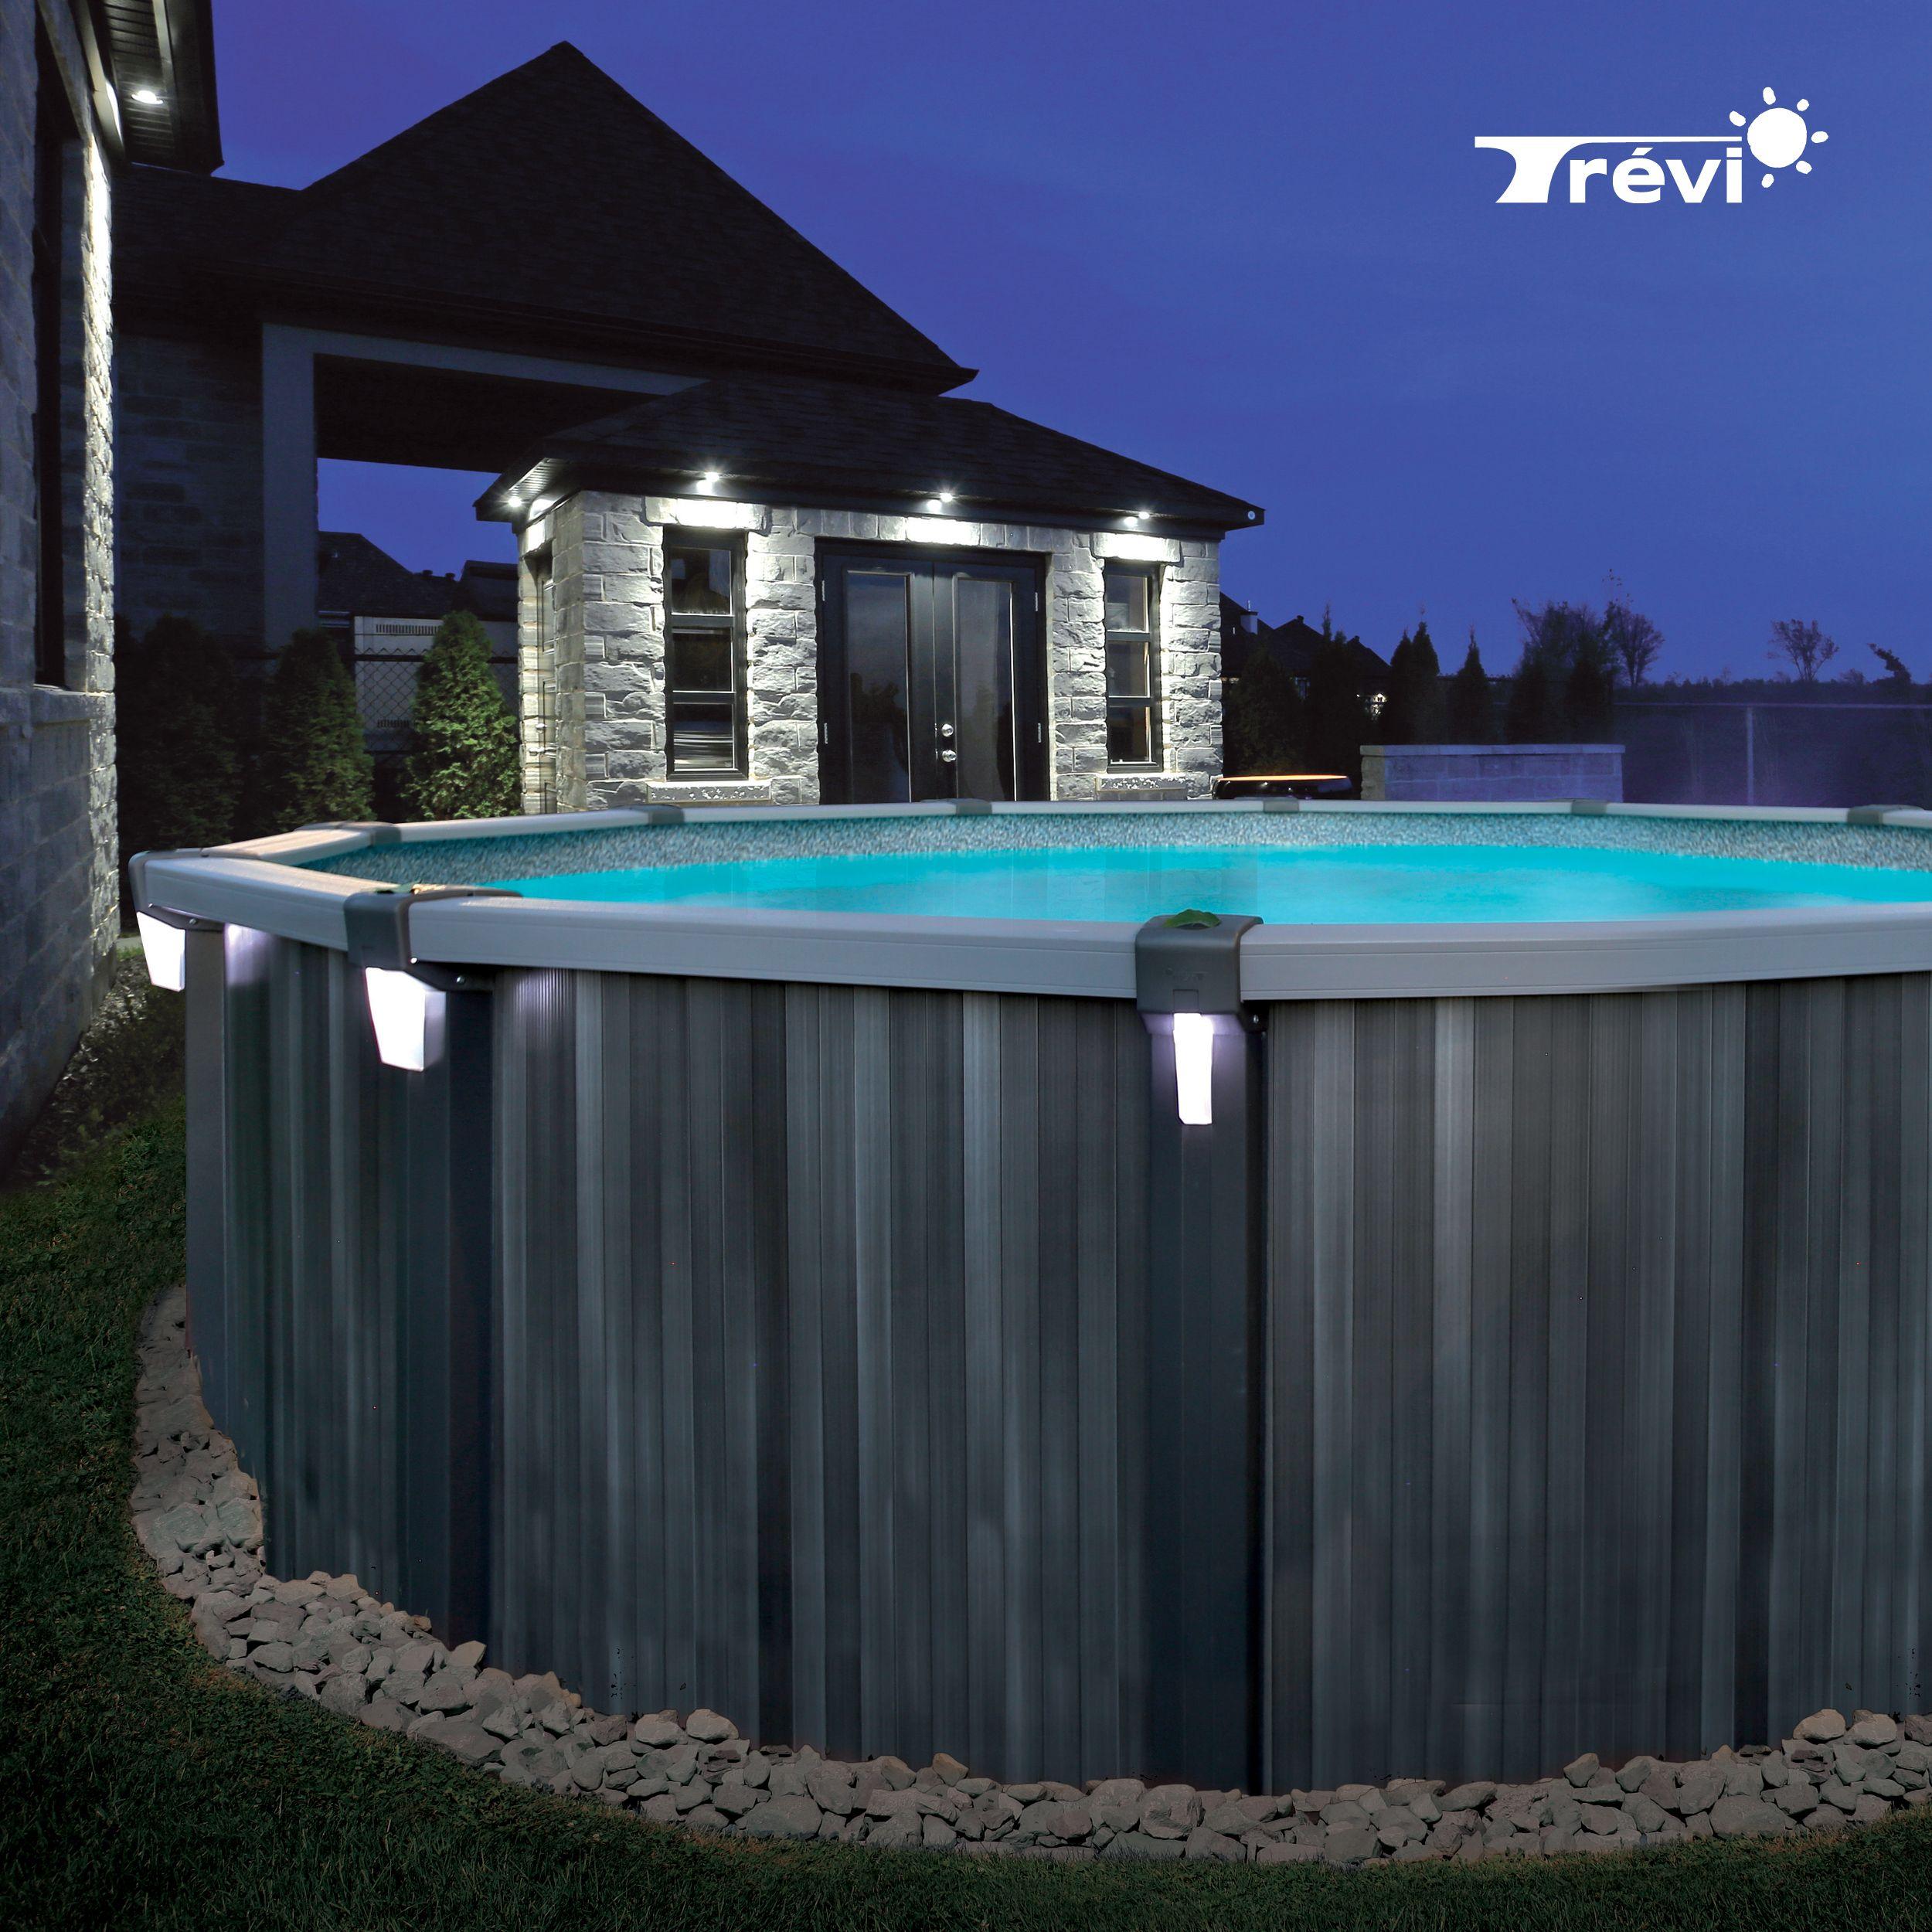 Eclairage Led Autour Piscine la piscine trévi pulsar est composée d'un heureux mélange d